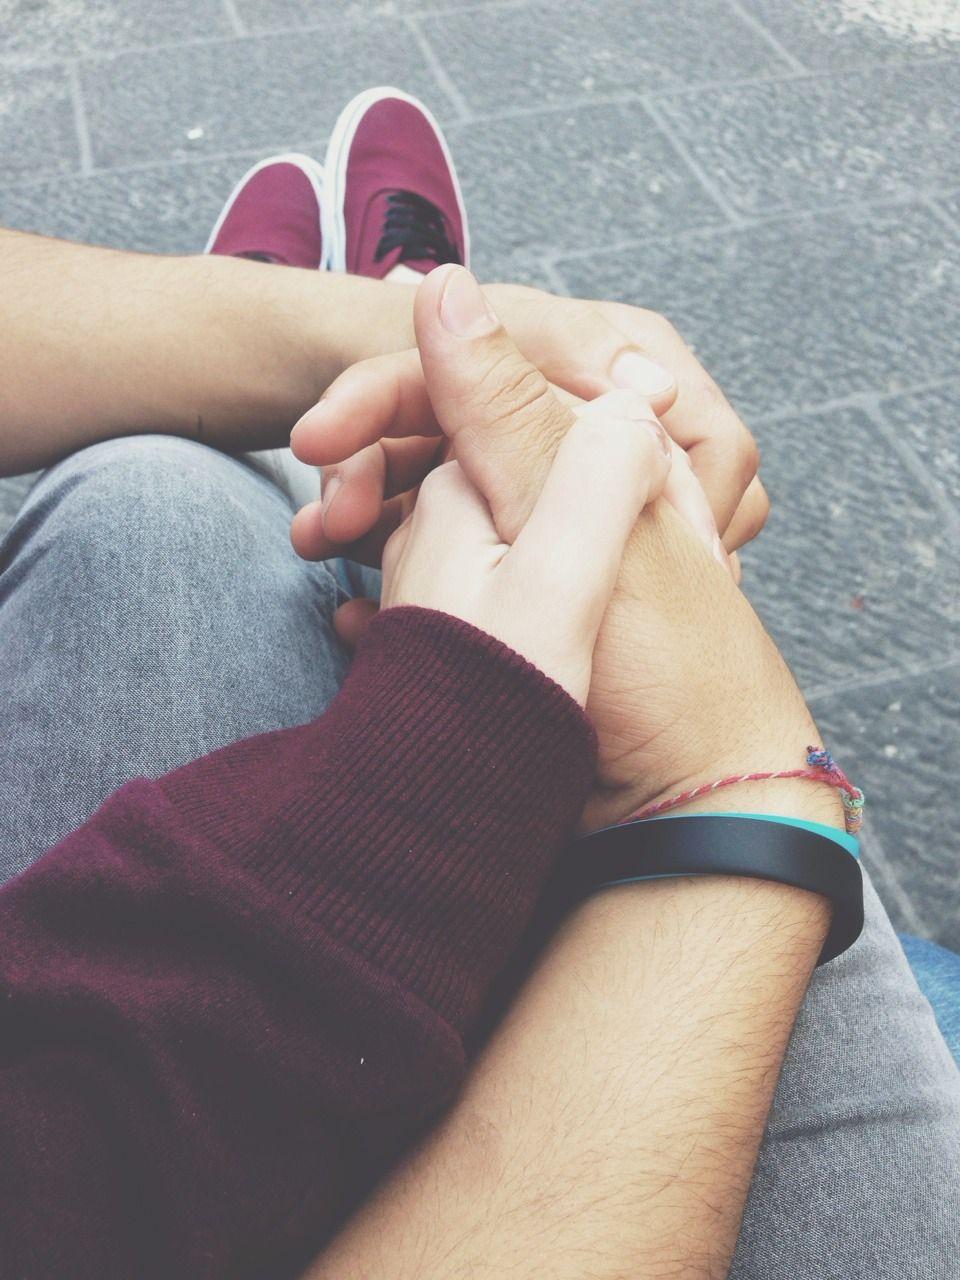 estamos juntos tomados de la mano tomados de las manos